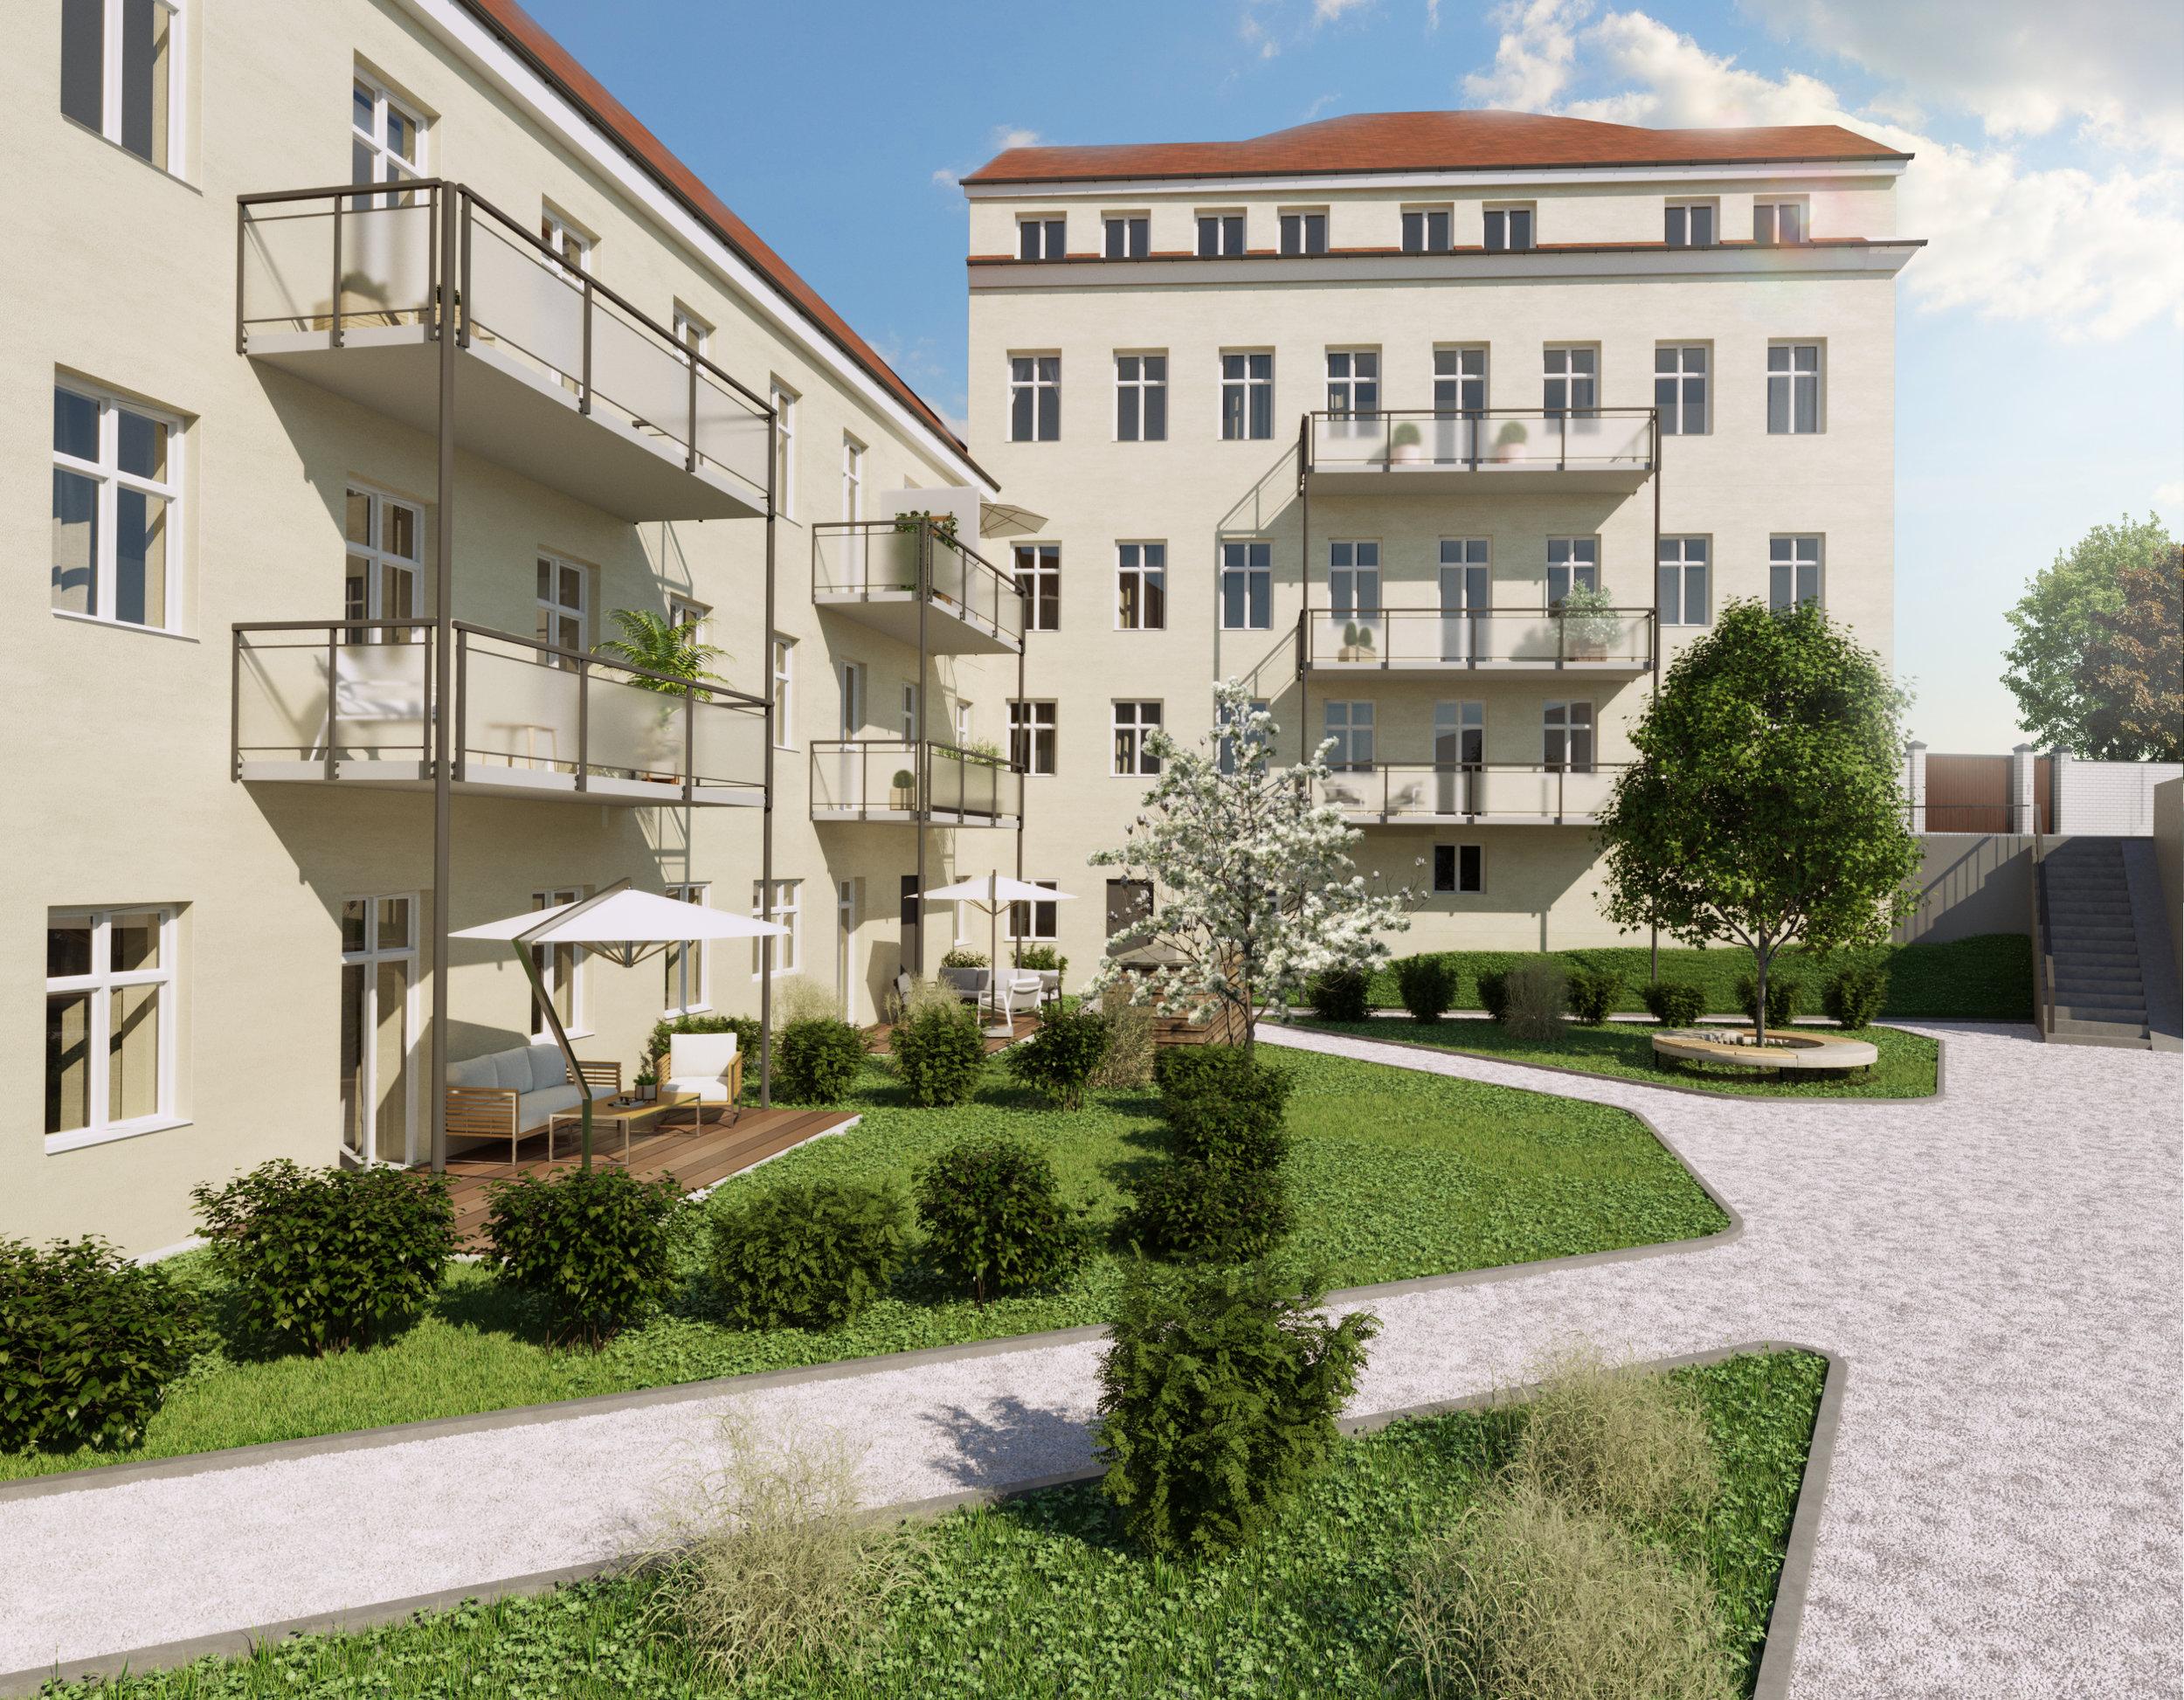 170915_Landshut_innenhof.jpg